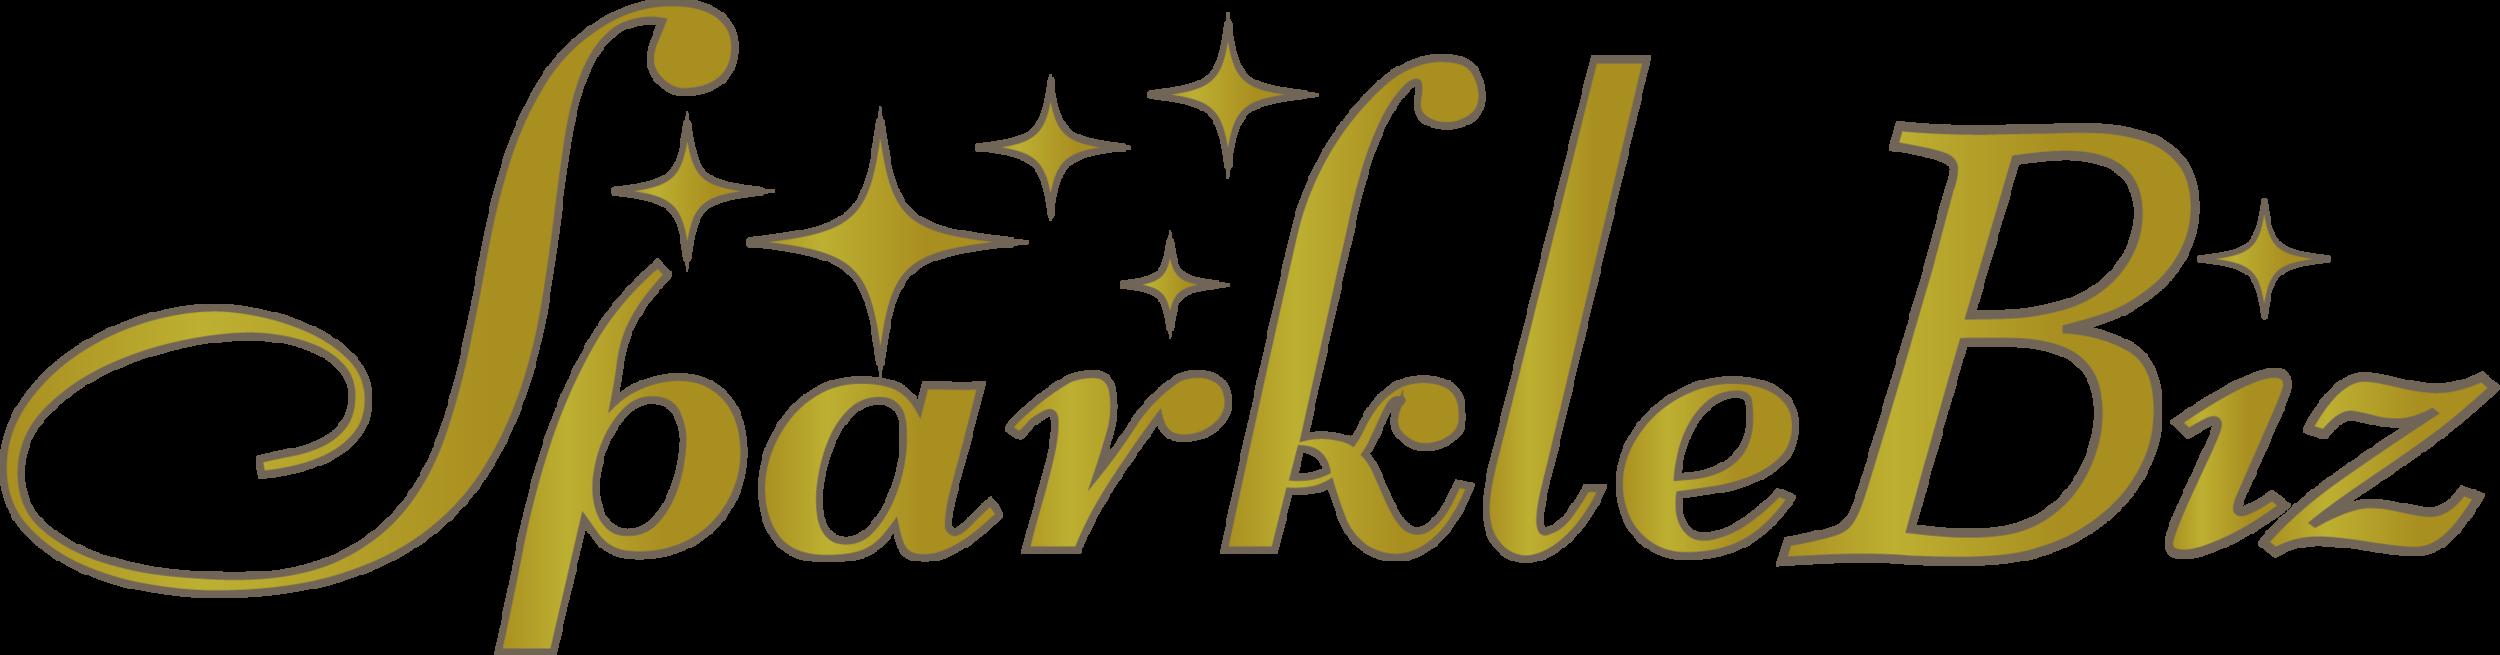 SparkleBiz Logo v3.png